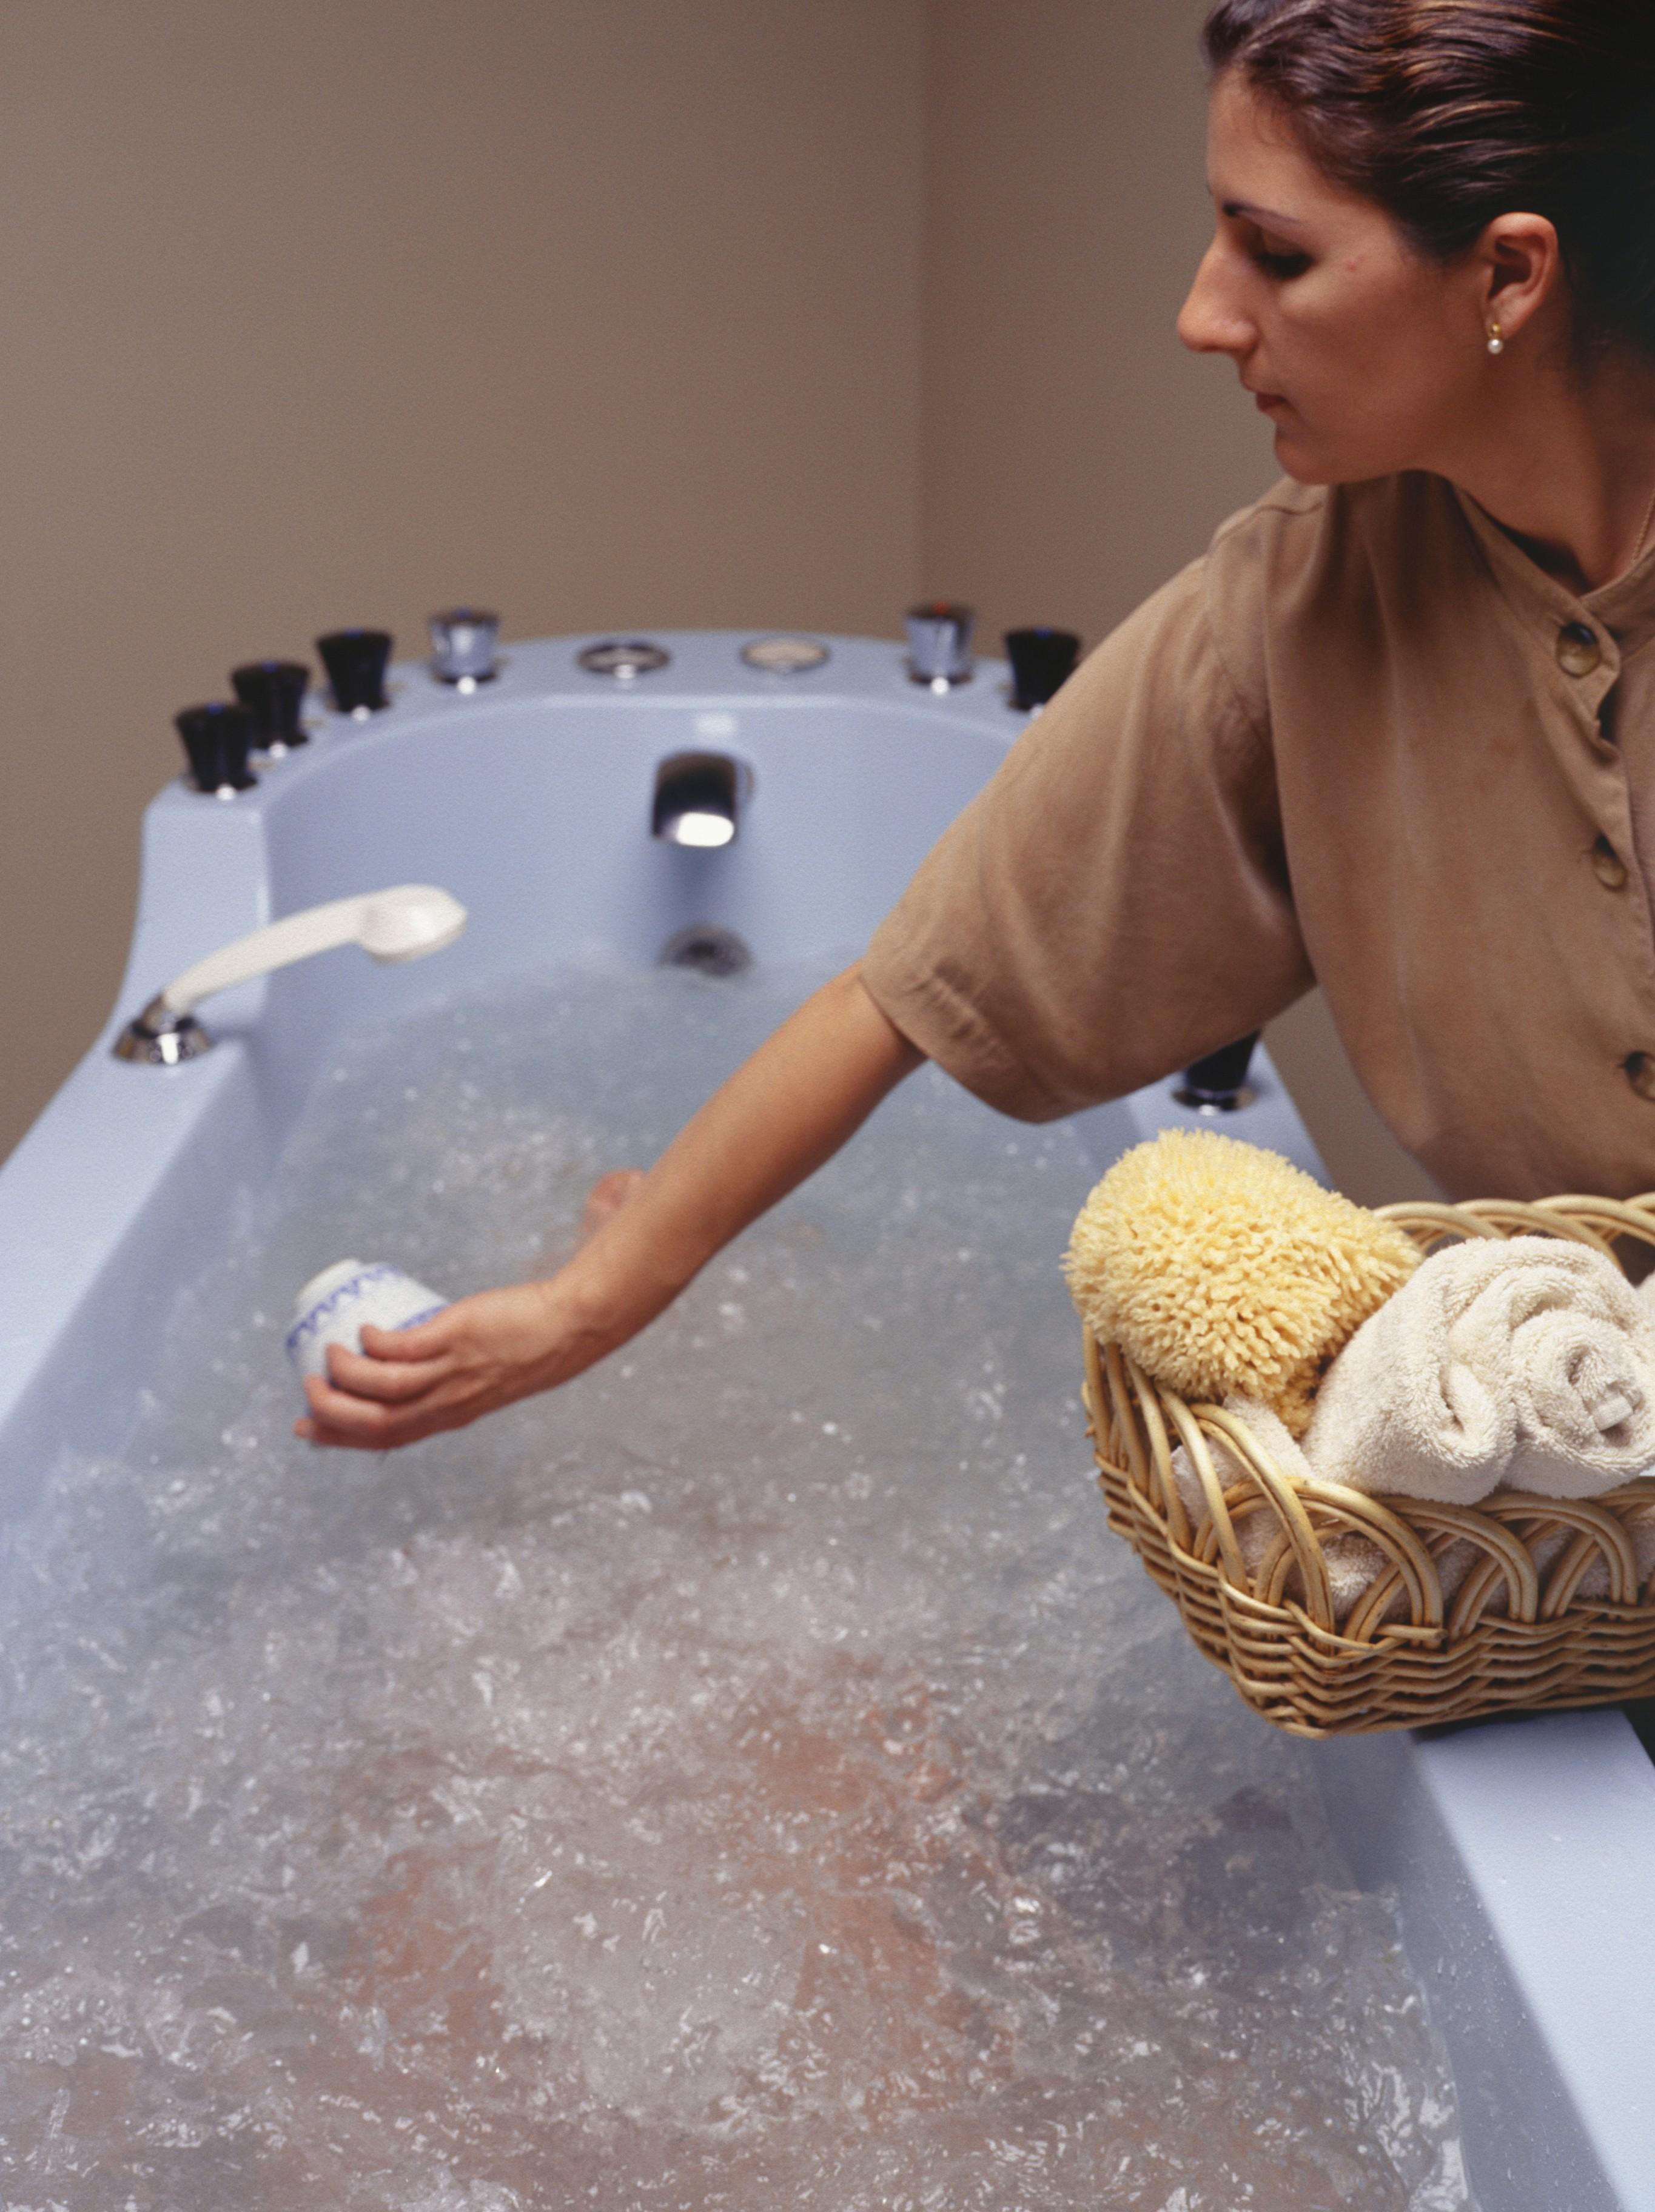 Banho de ervas é bom para limpar a aura (Foto: Thinkstock)